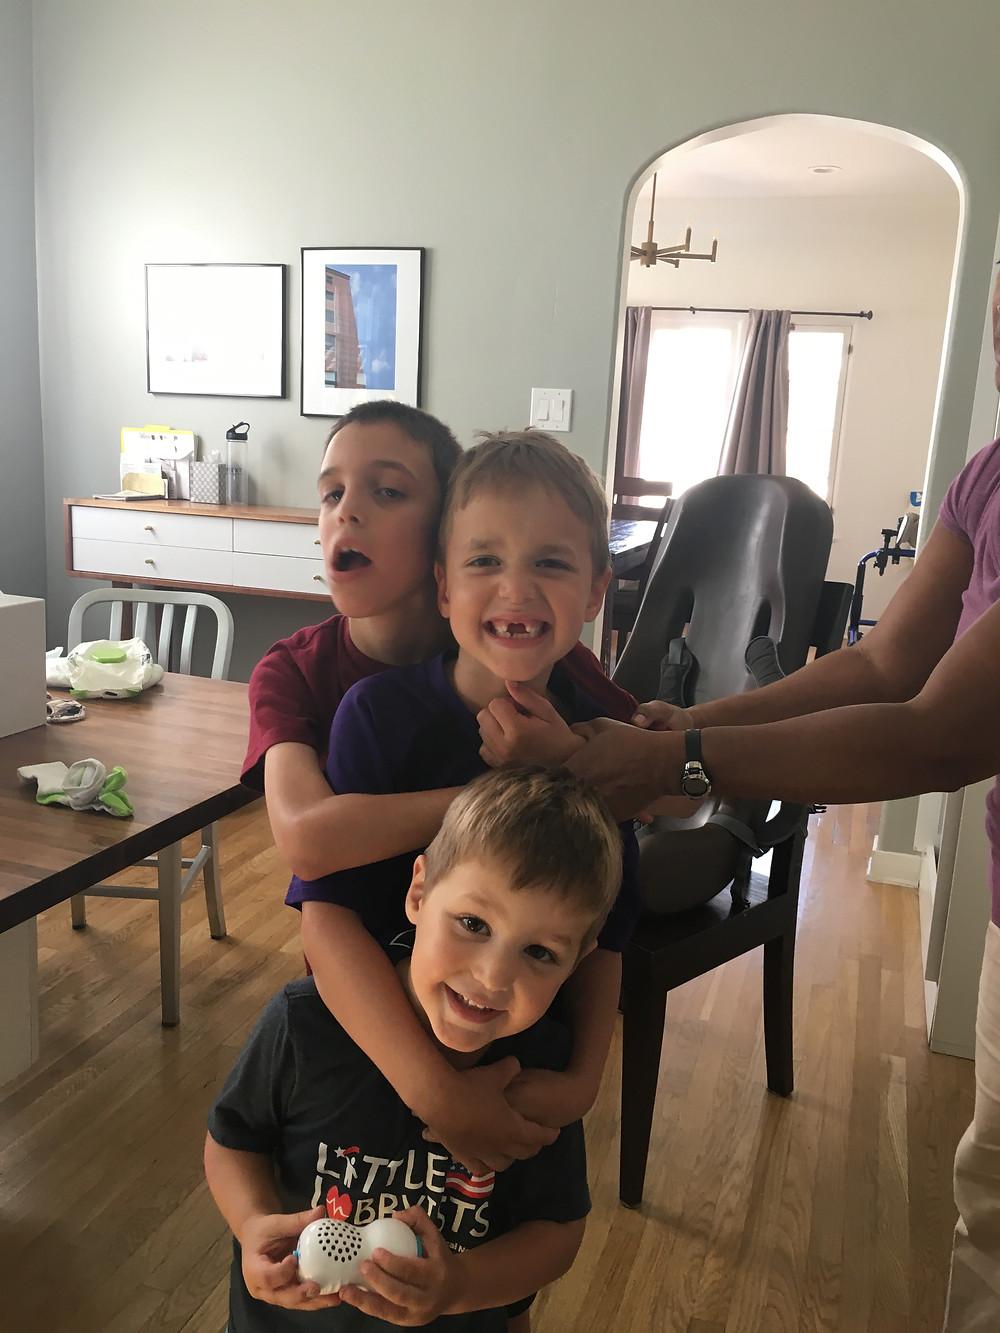 Jason's Three Little Monkeys